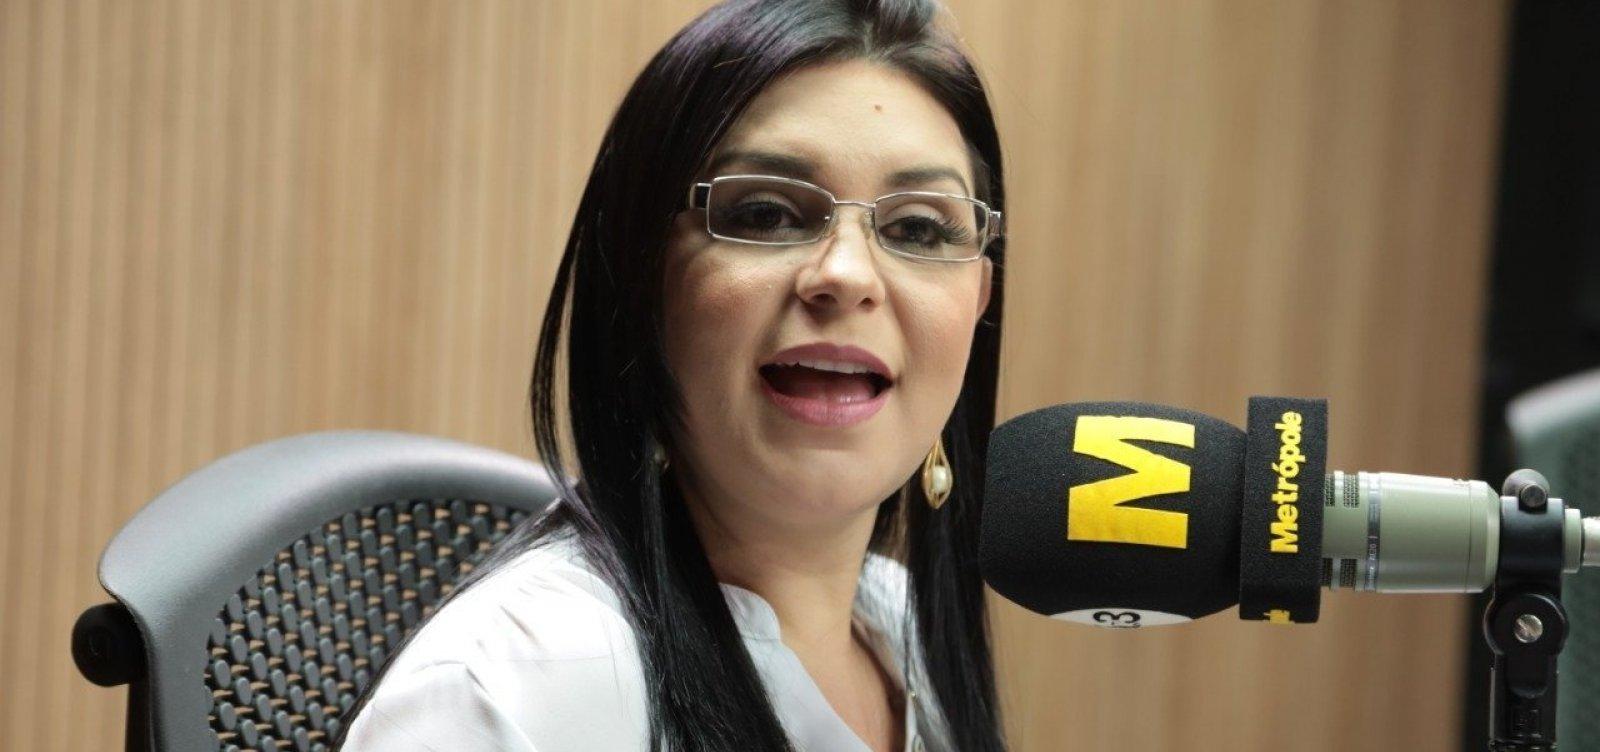 Dayane critica decisão de Trump sobre tarifas: 'Brasil não é o bobo da corte mundial'